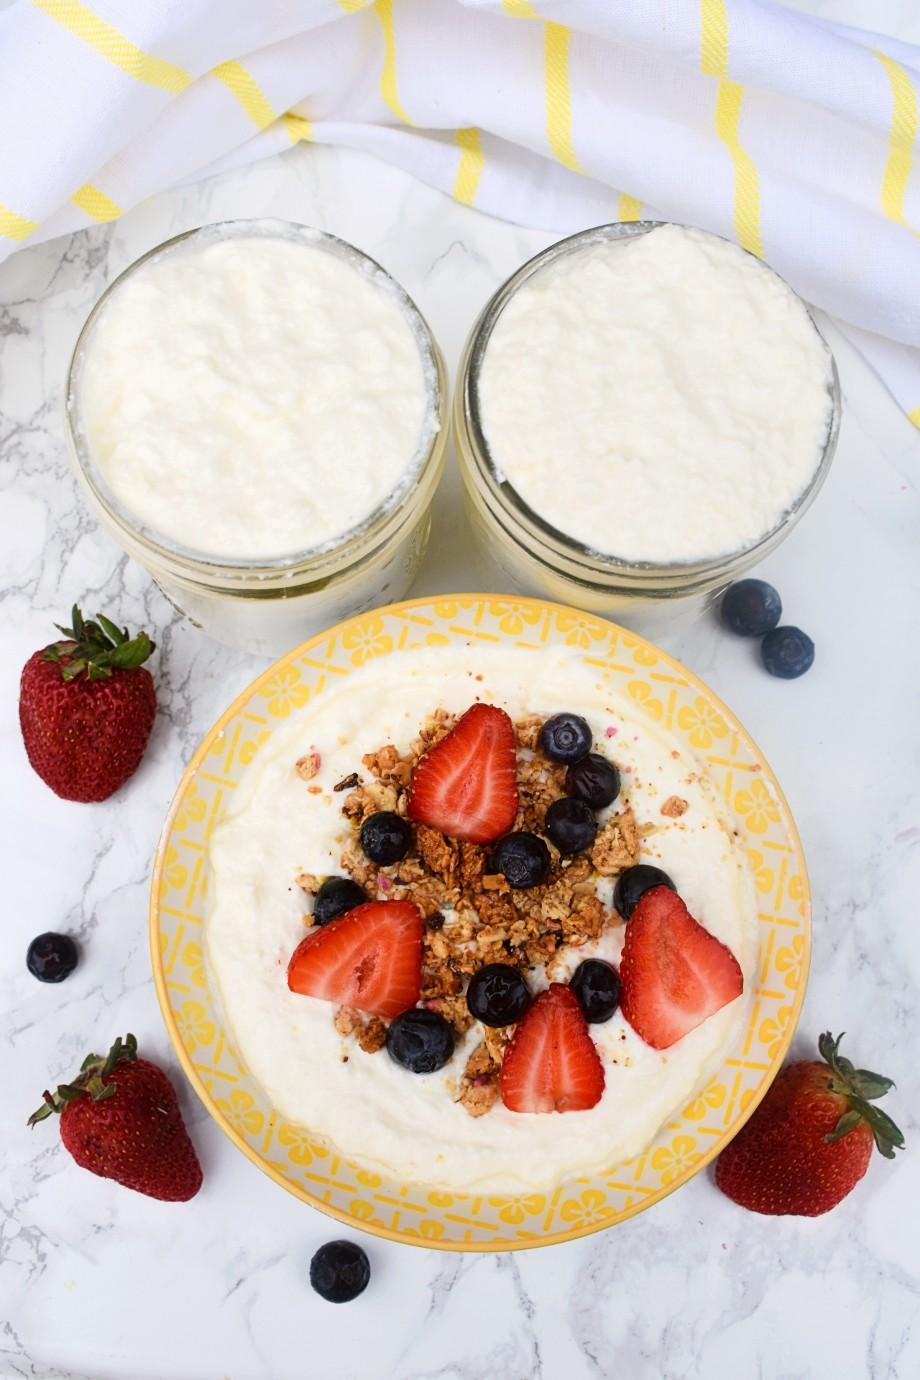 Stovetop Homemade Yogurt